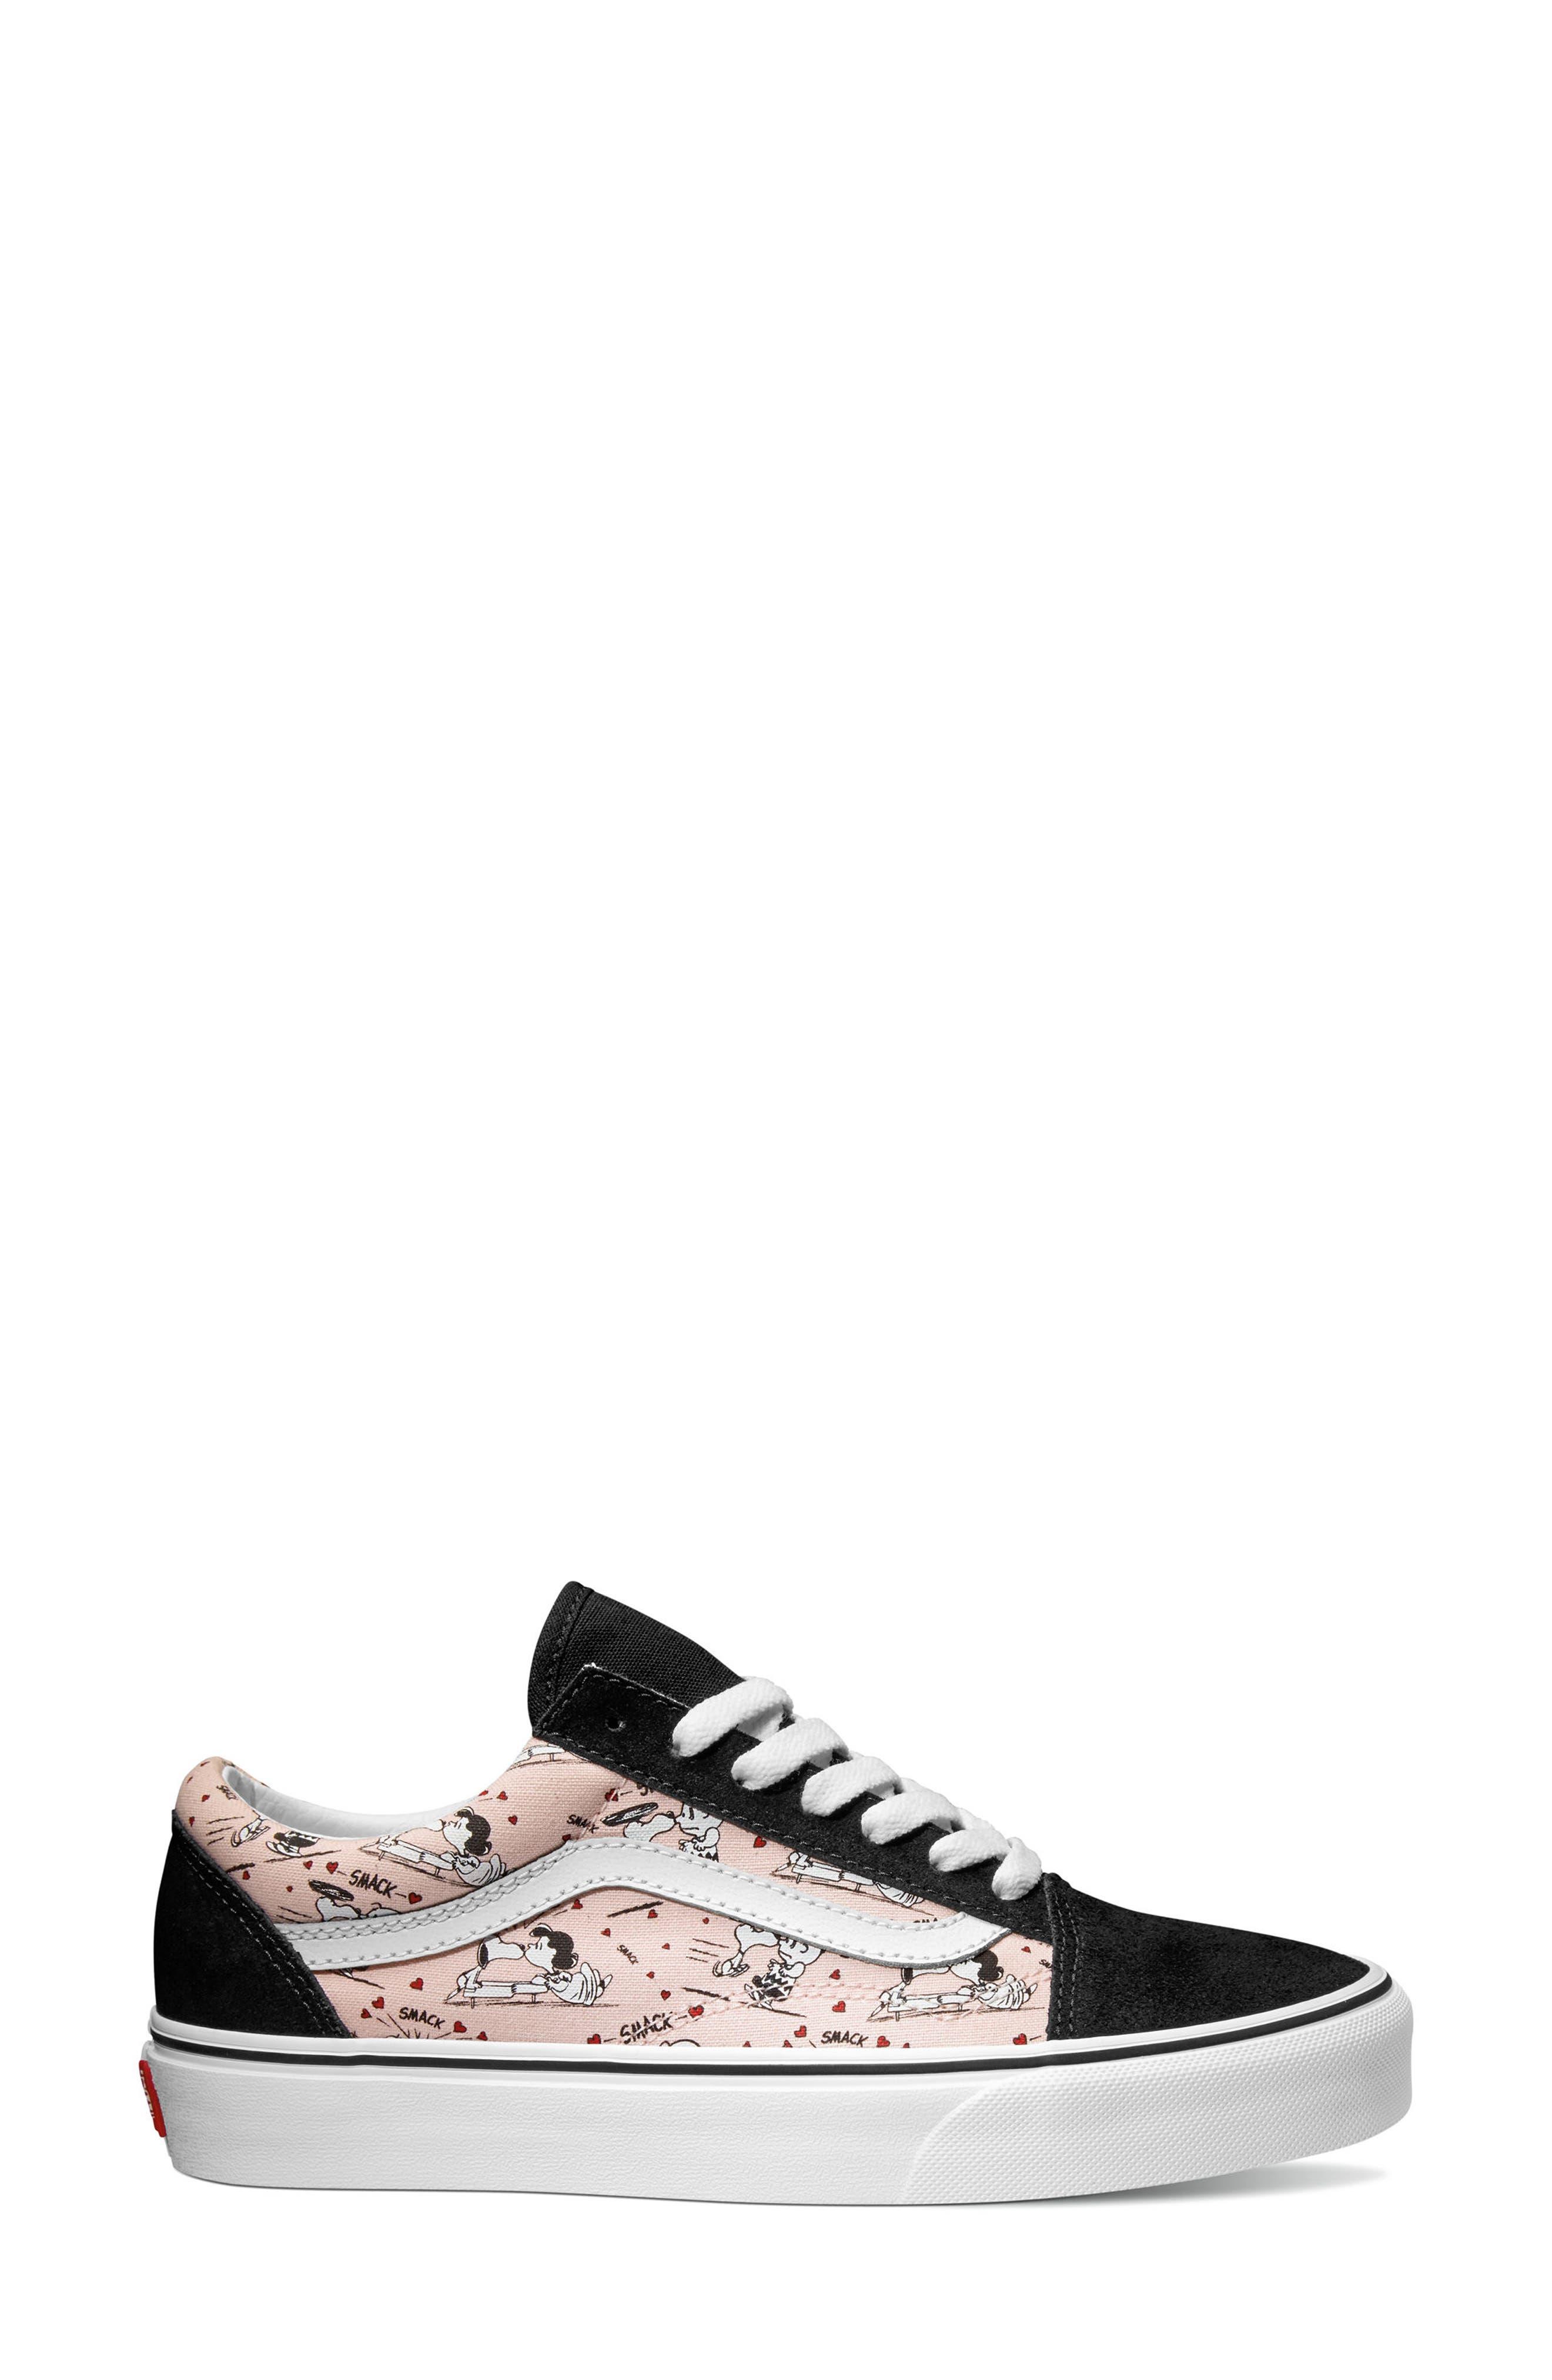 VANS x Peanuts Old Skool Snoopy Kisses Sneaker